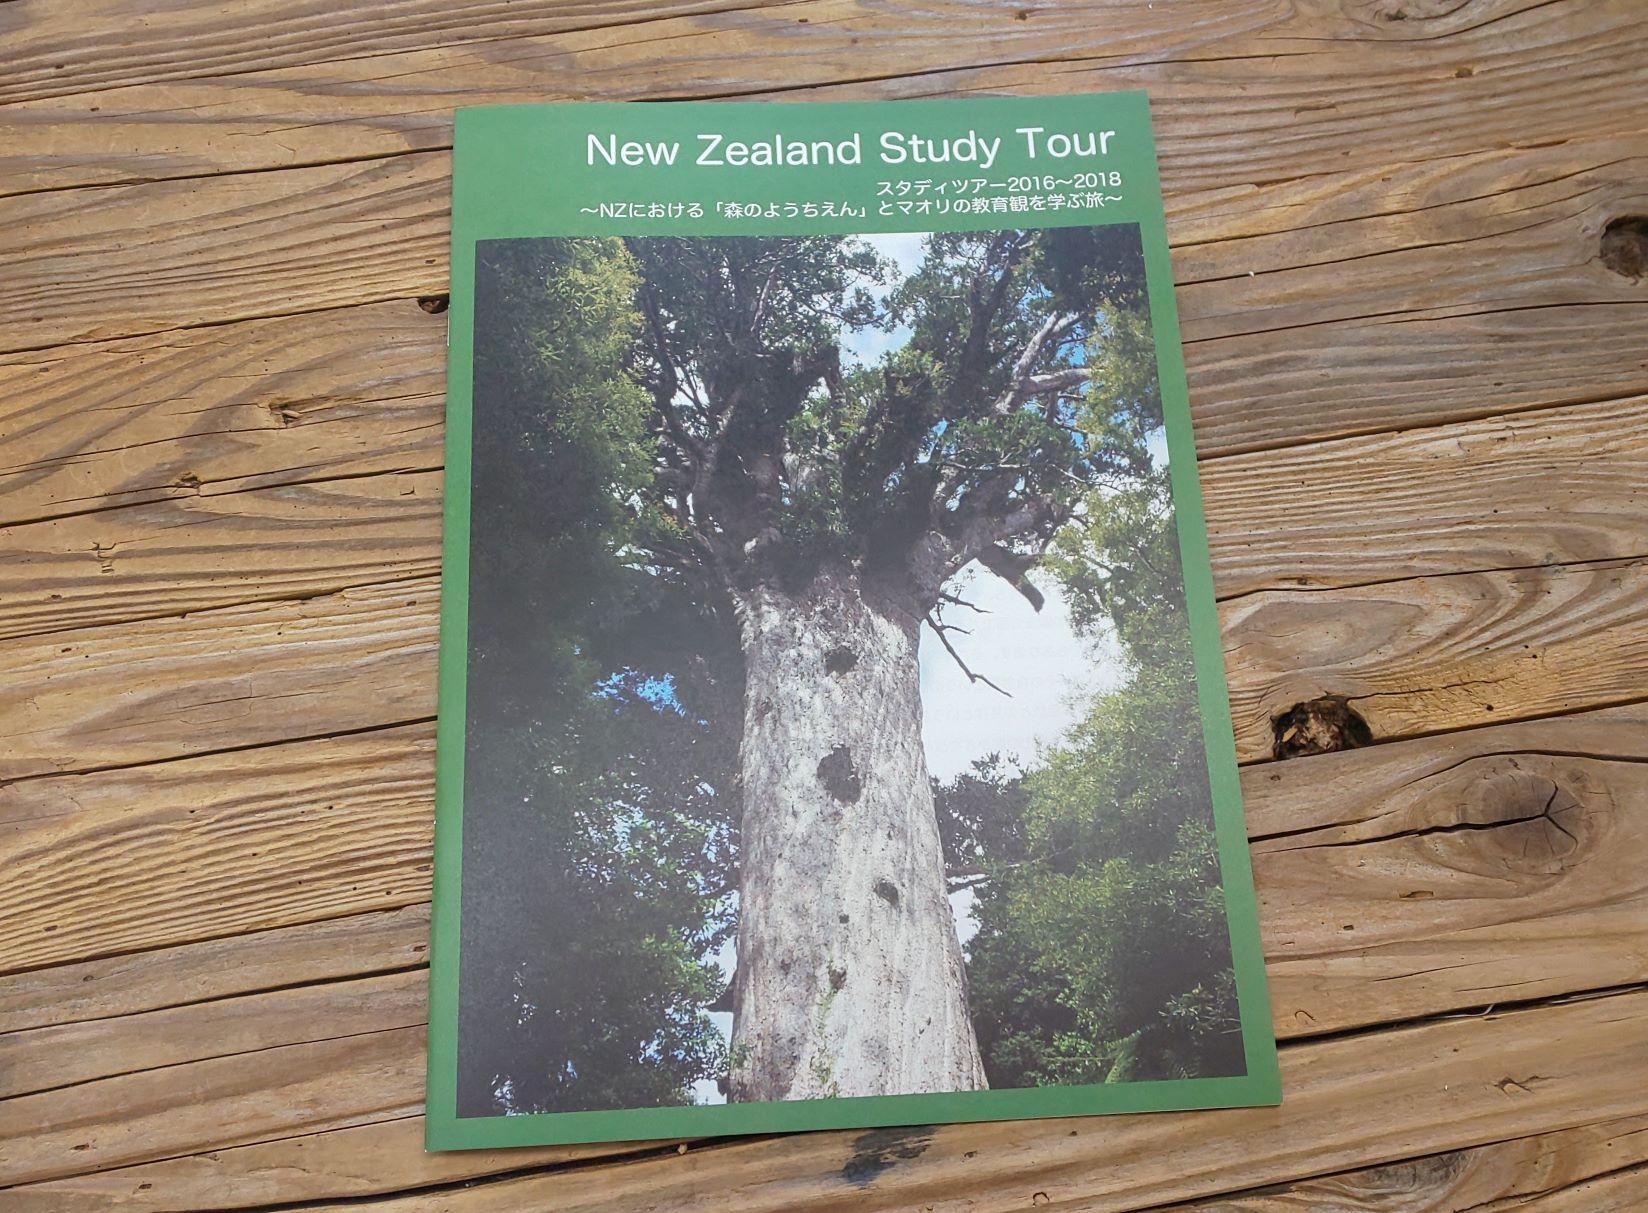 ニュージーランドスタディツアーの報告書が完成しました